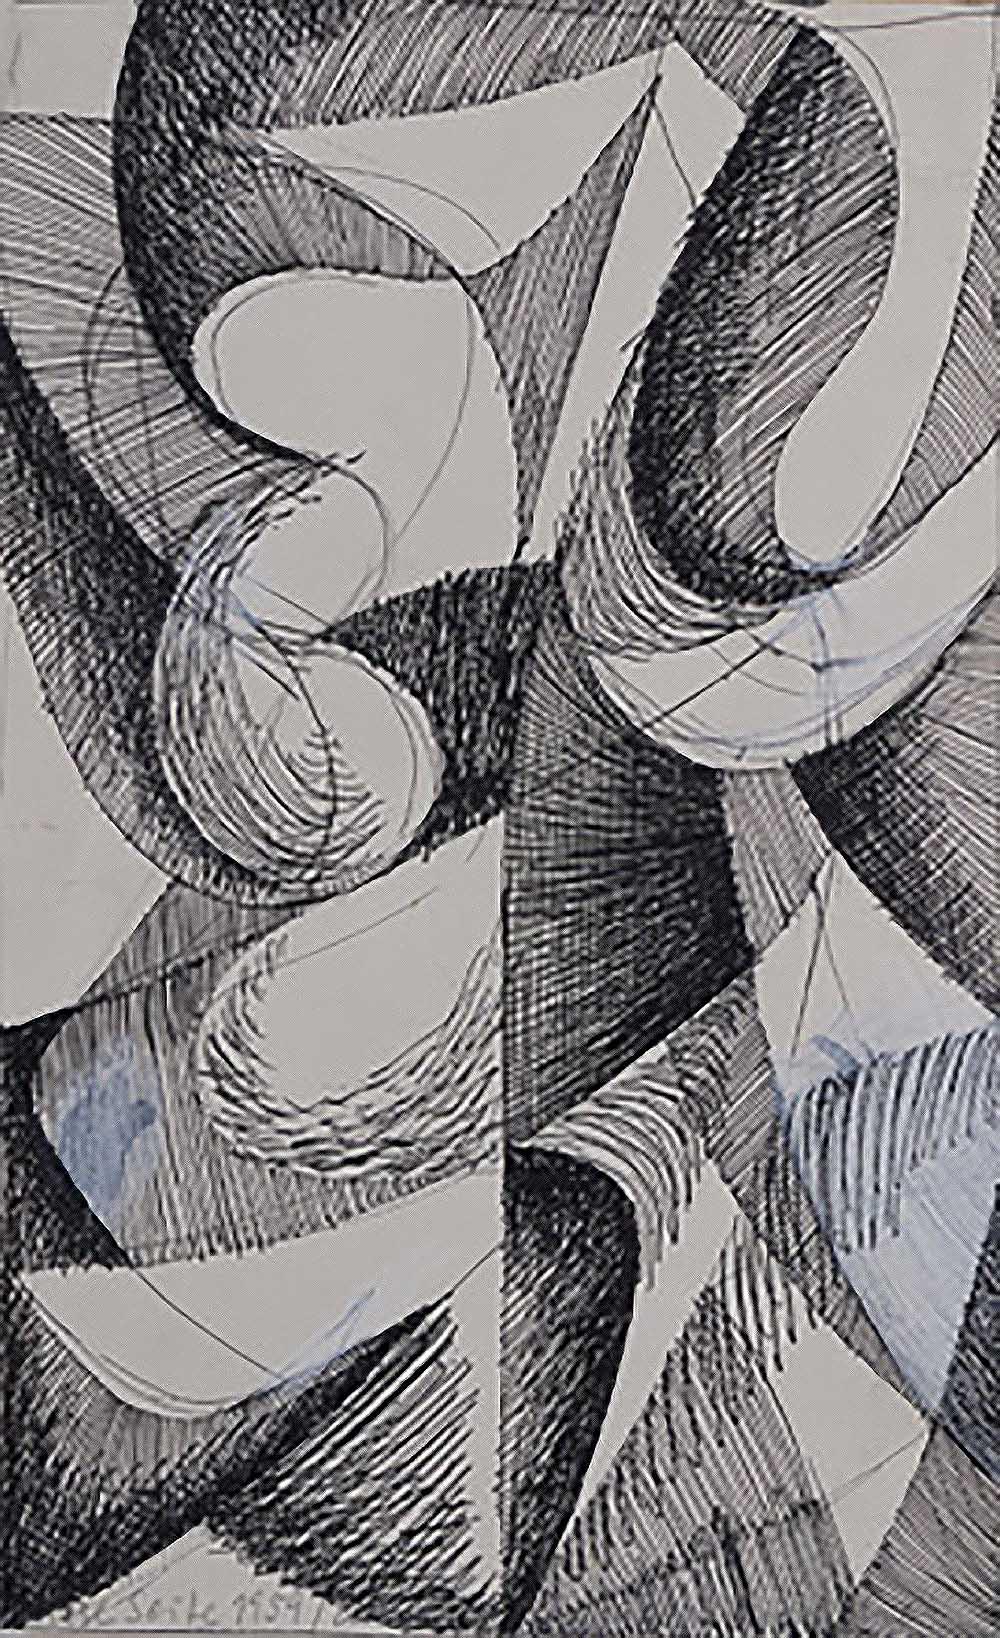 o.T. | 1959 | Tinte und Wasserfarben auf Papier | 38 x 22,5 cm